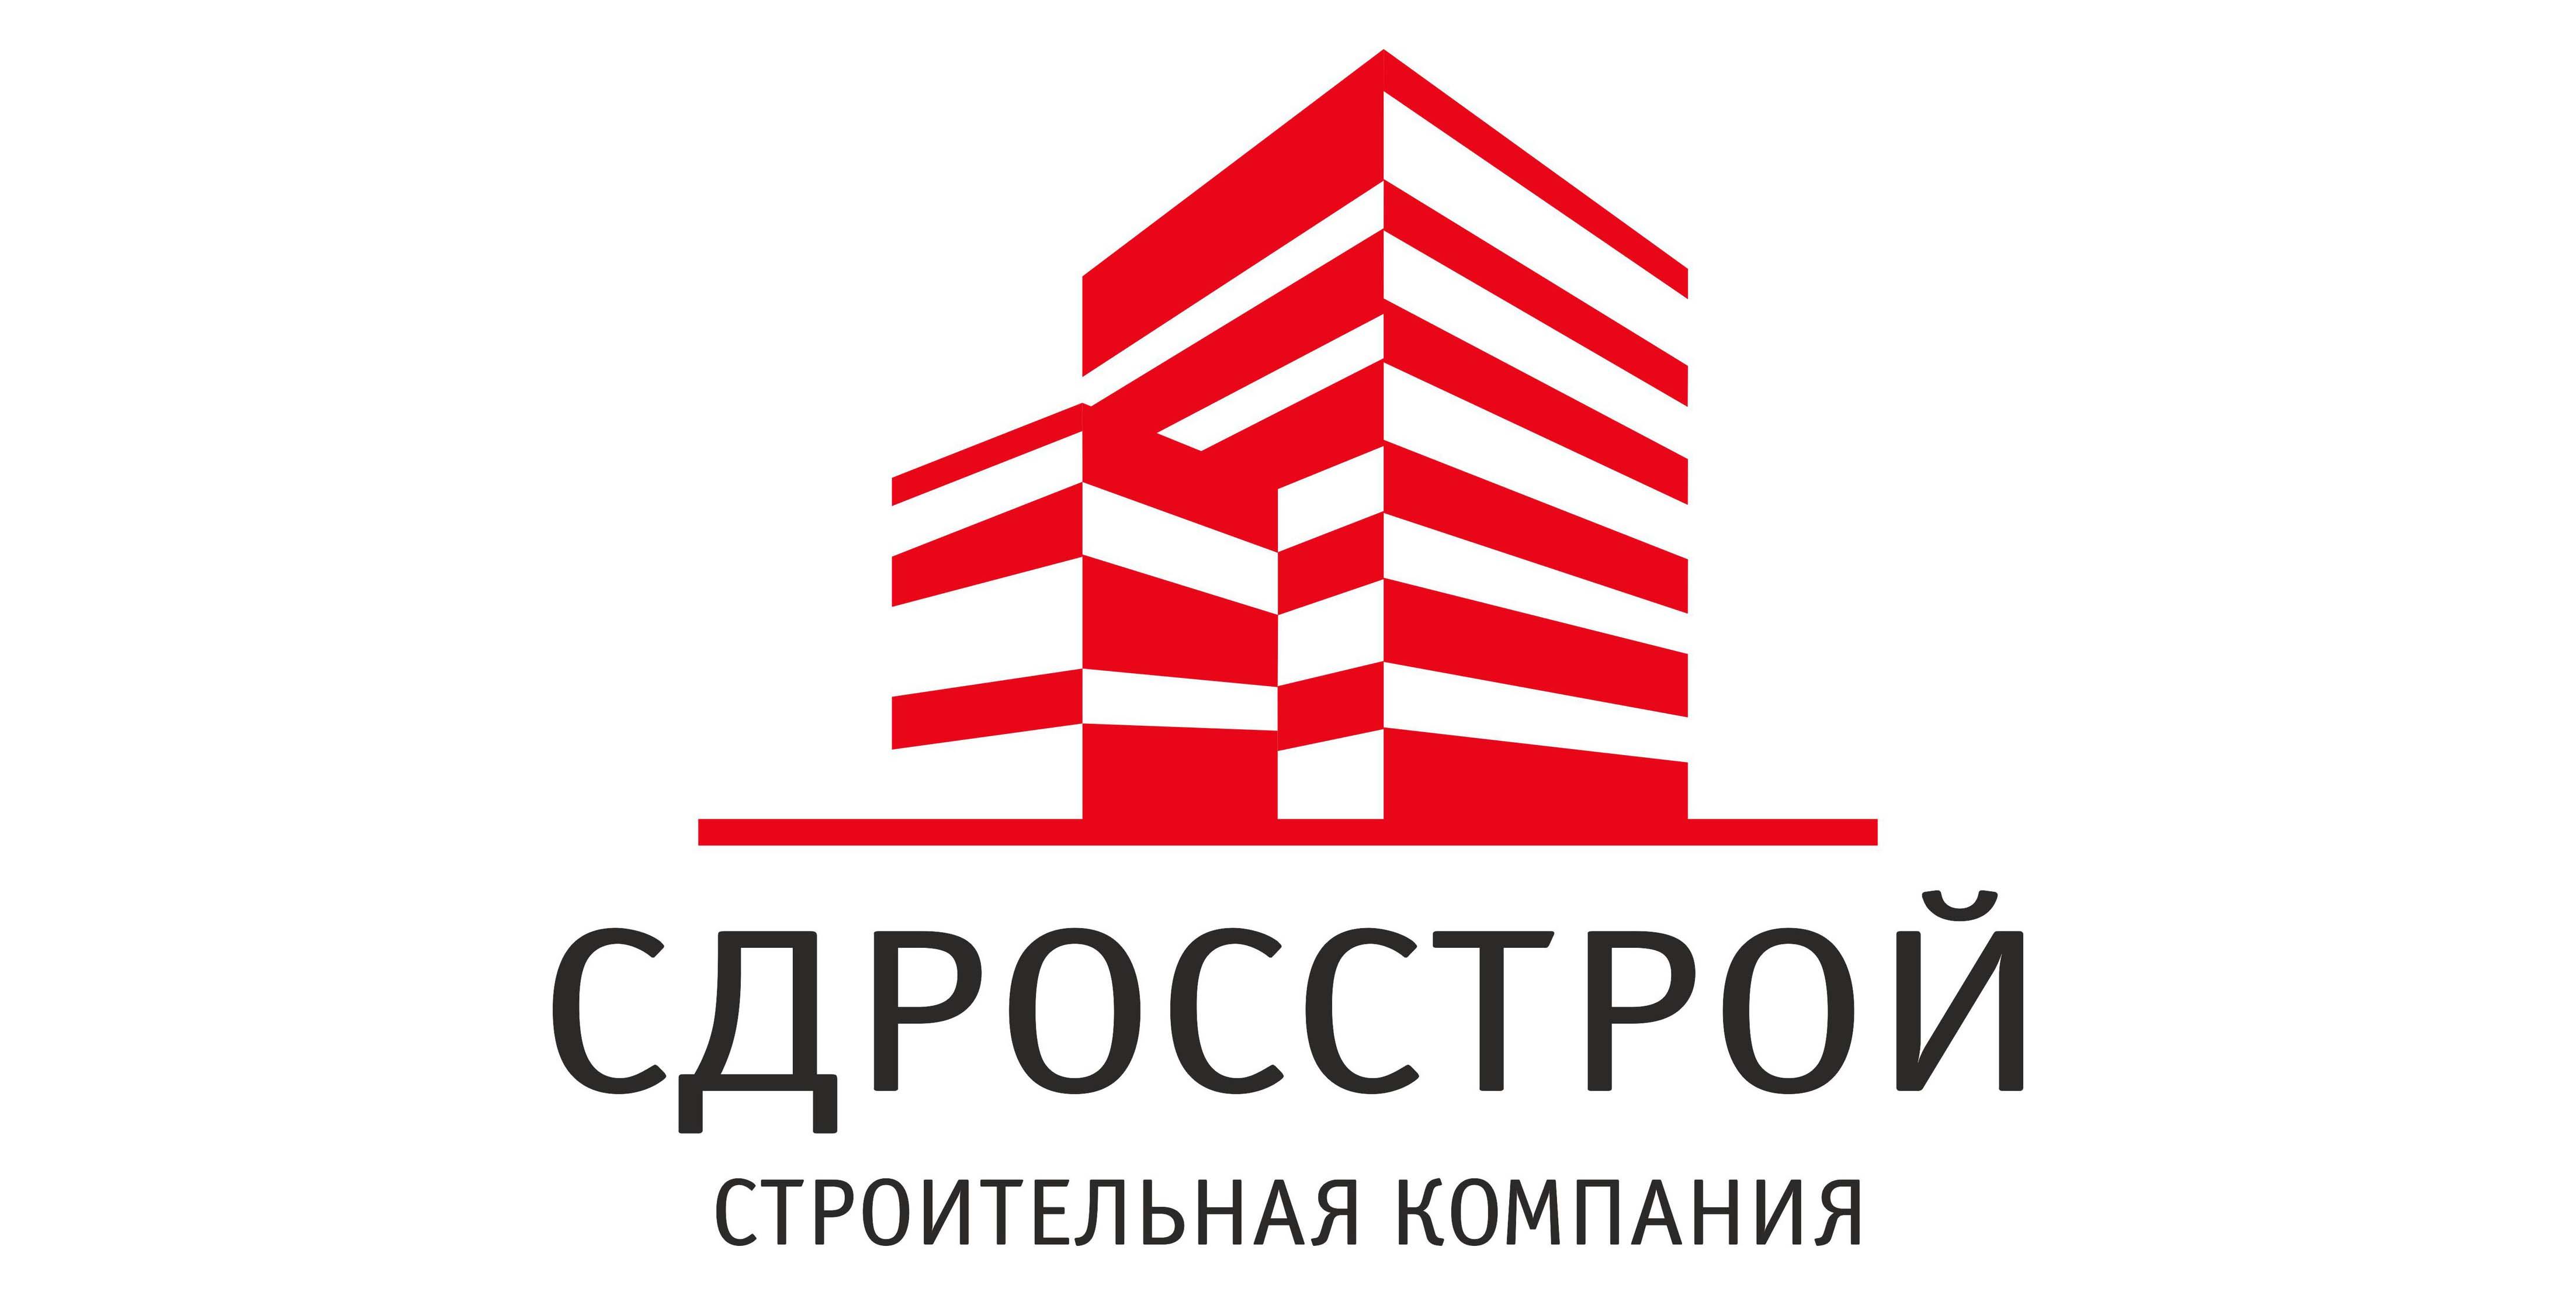 ушло логотипы строительных компаний фото люди едут ванино